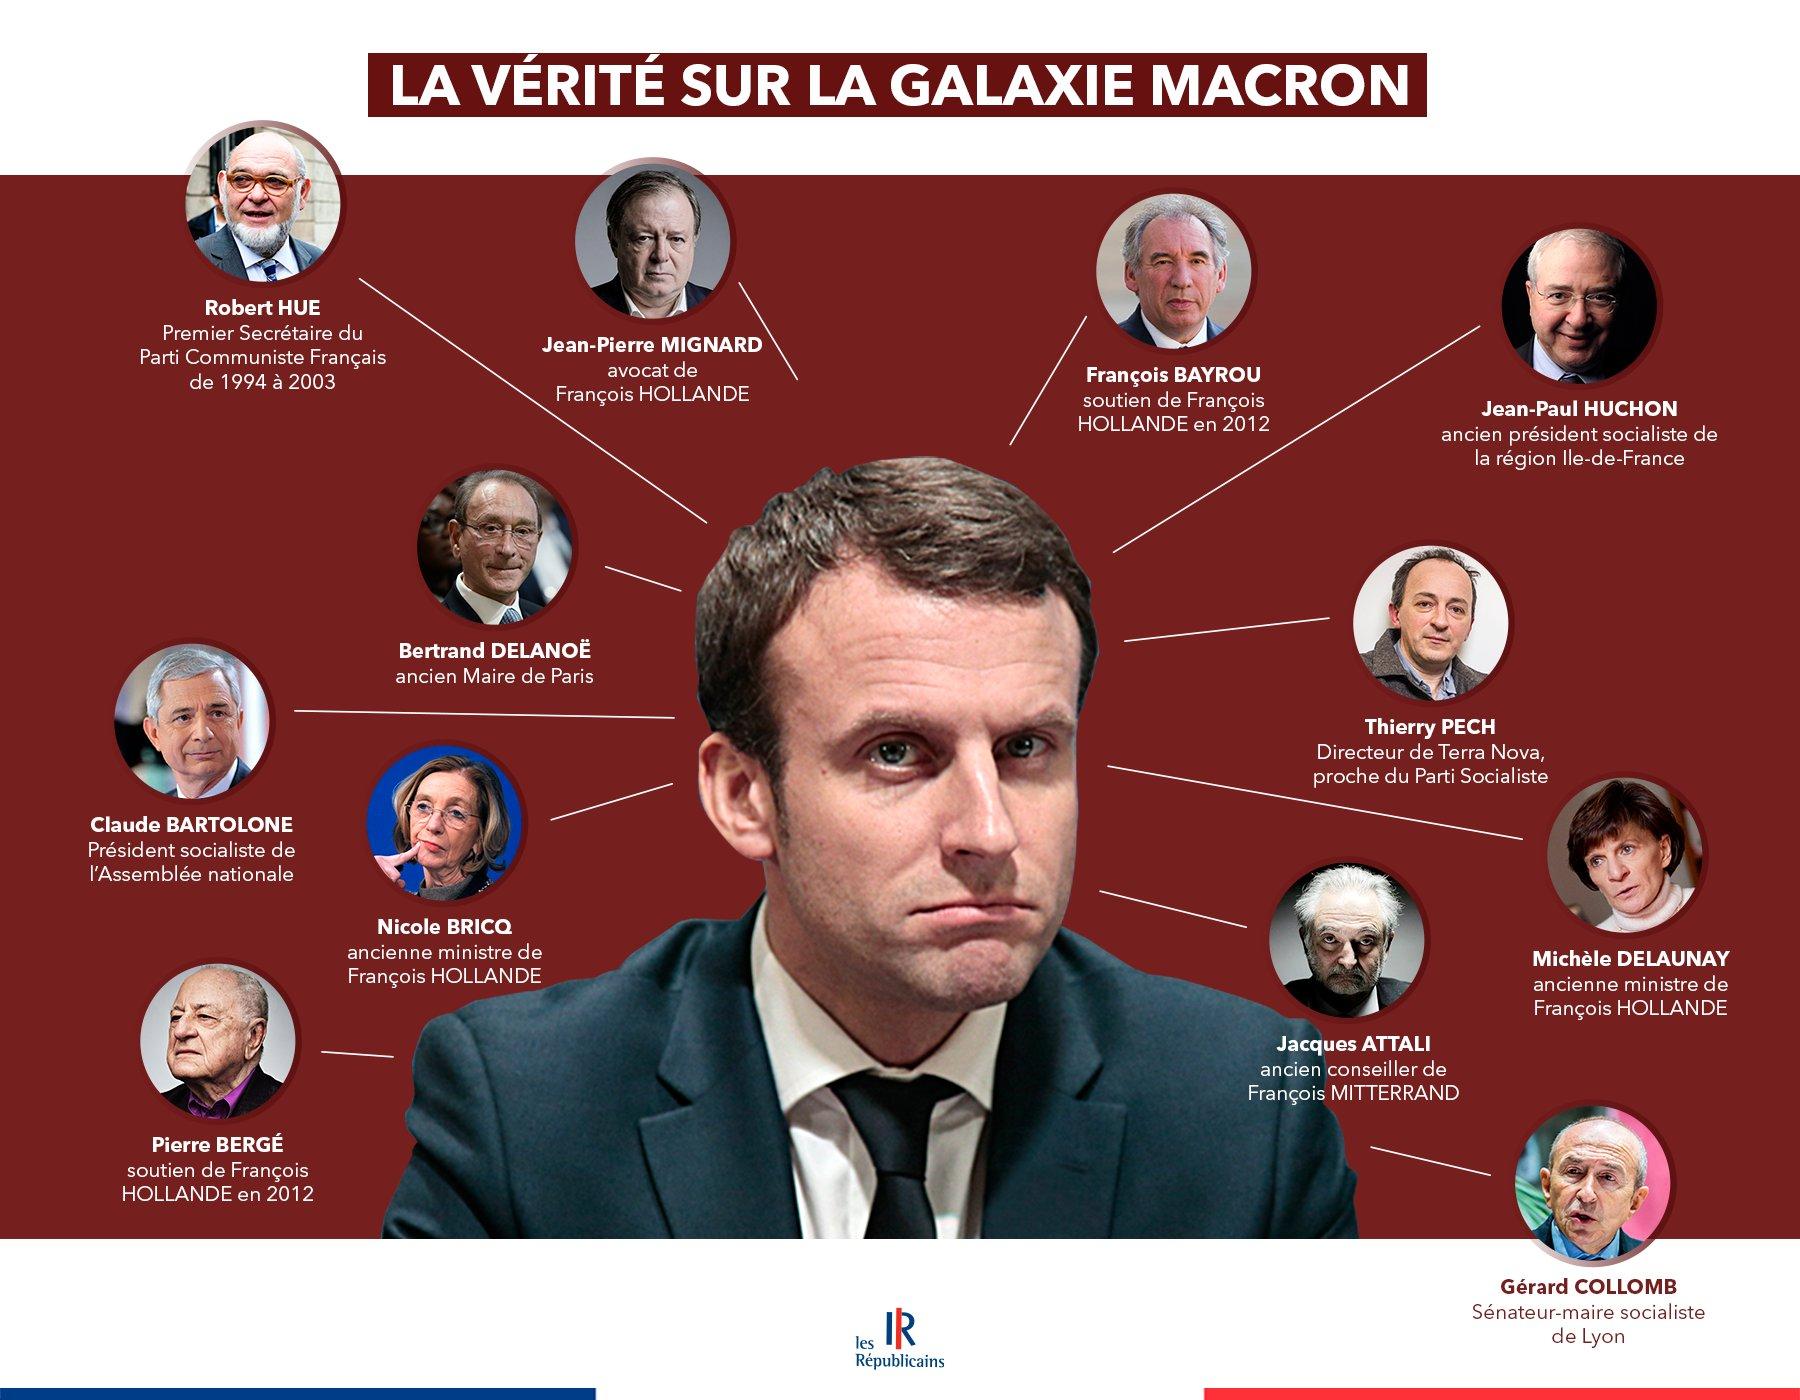 La vérité sur la galaxie @EmmanuelMacron... #NouvelleVersion https://t.co/nq5mwnUhTX